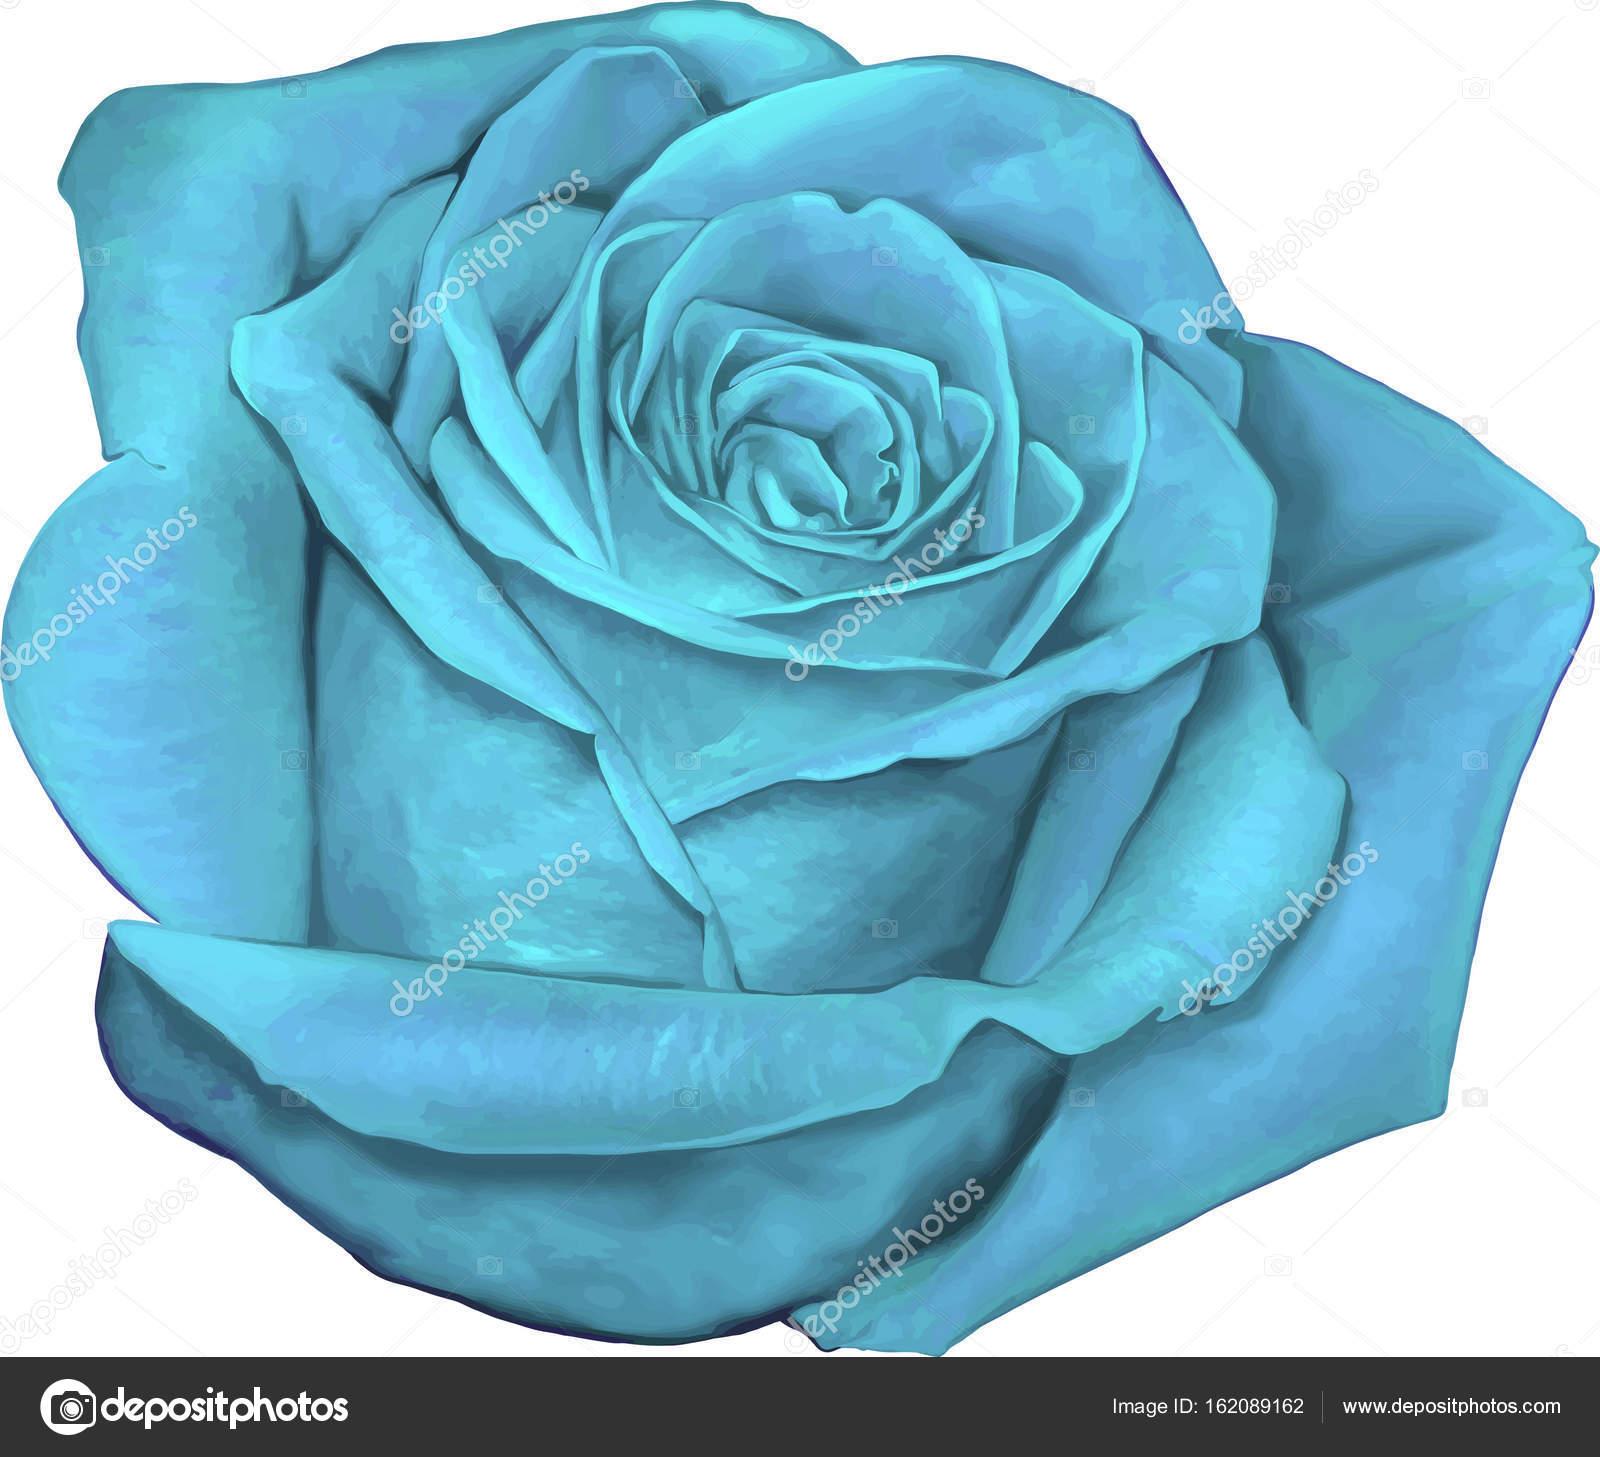 Belle Image Rose Bleu belle fleur rose bleu clair — photographie artnature © #162089162